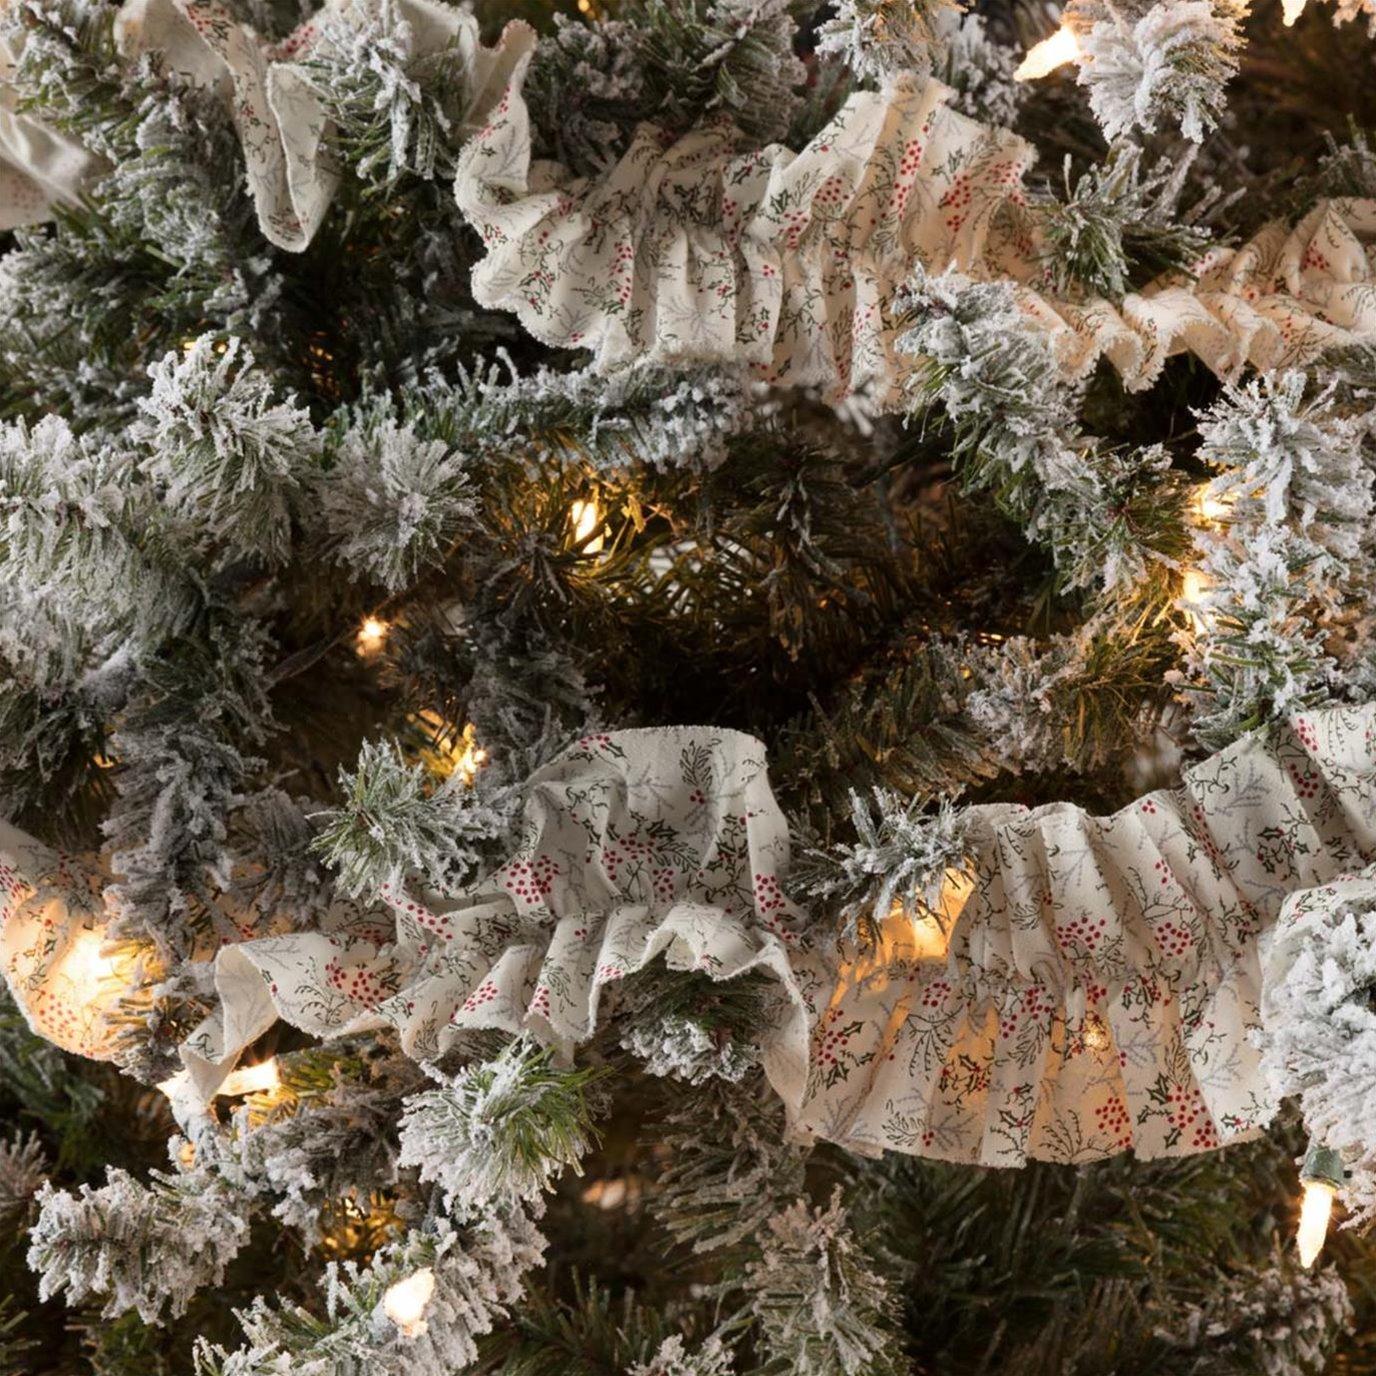 Ornaments & Garlands